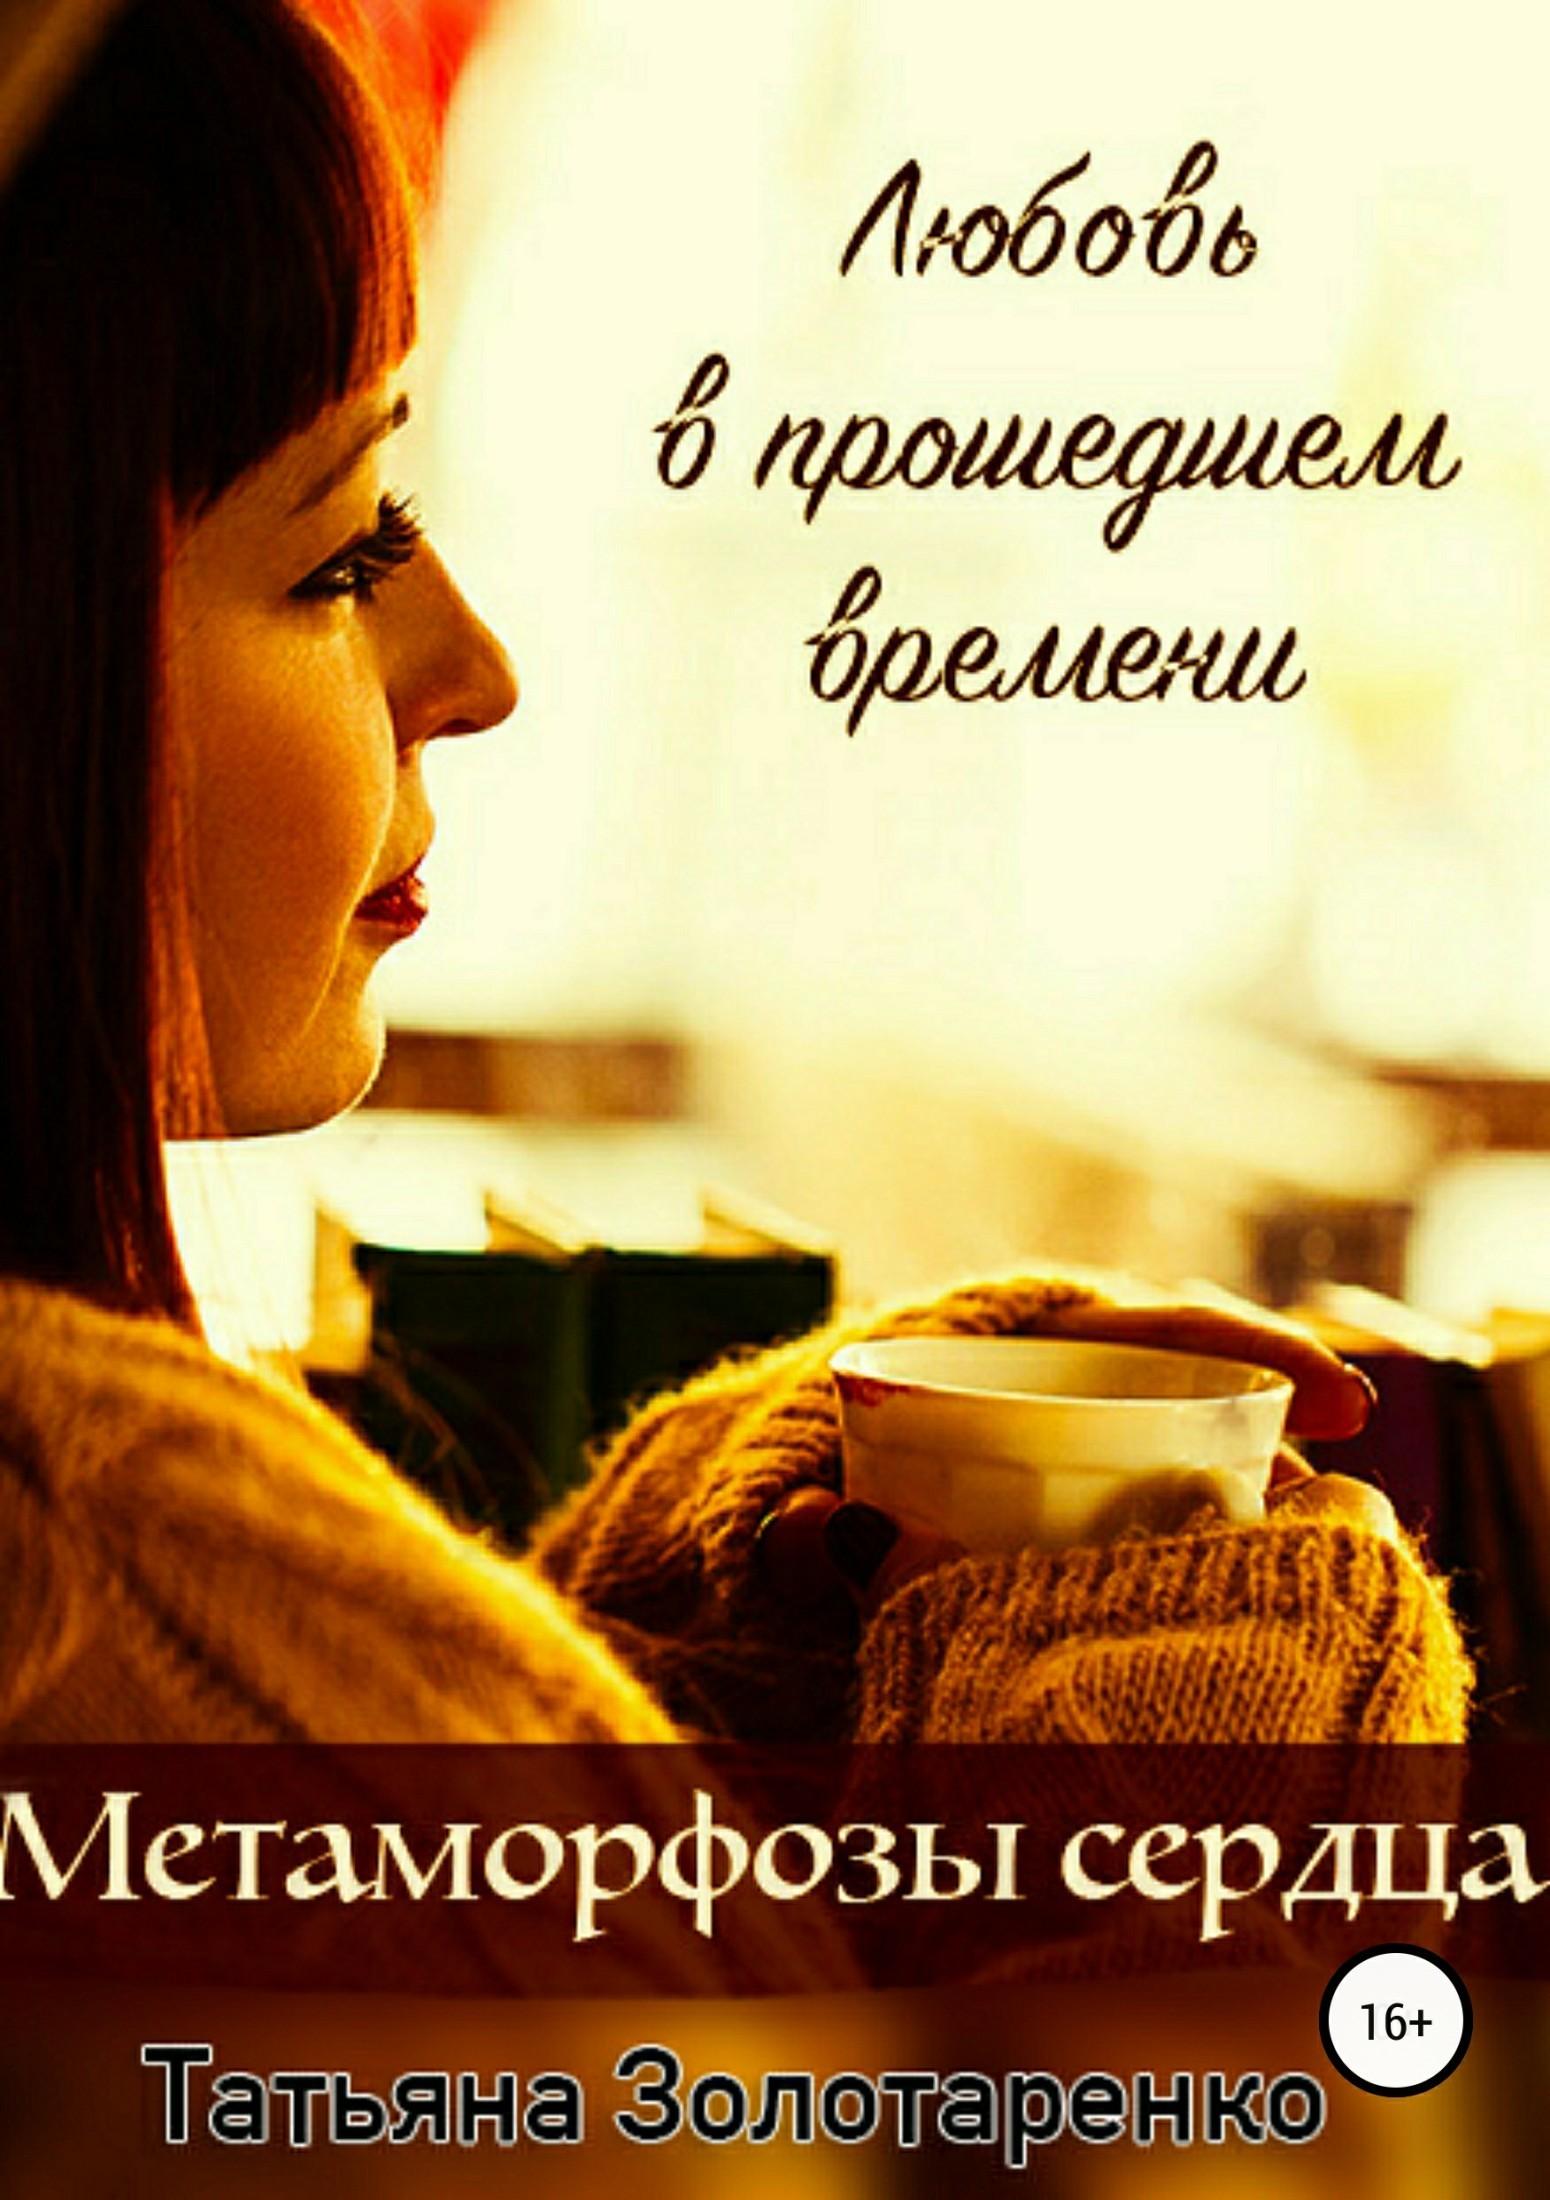 Татьяна Золотаренко Метаморфозы сердца. Любовь в прошедшем времени гульназ резванова зимняя весна первая книга олюбви наивная